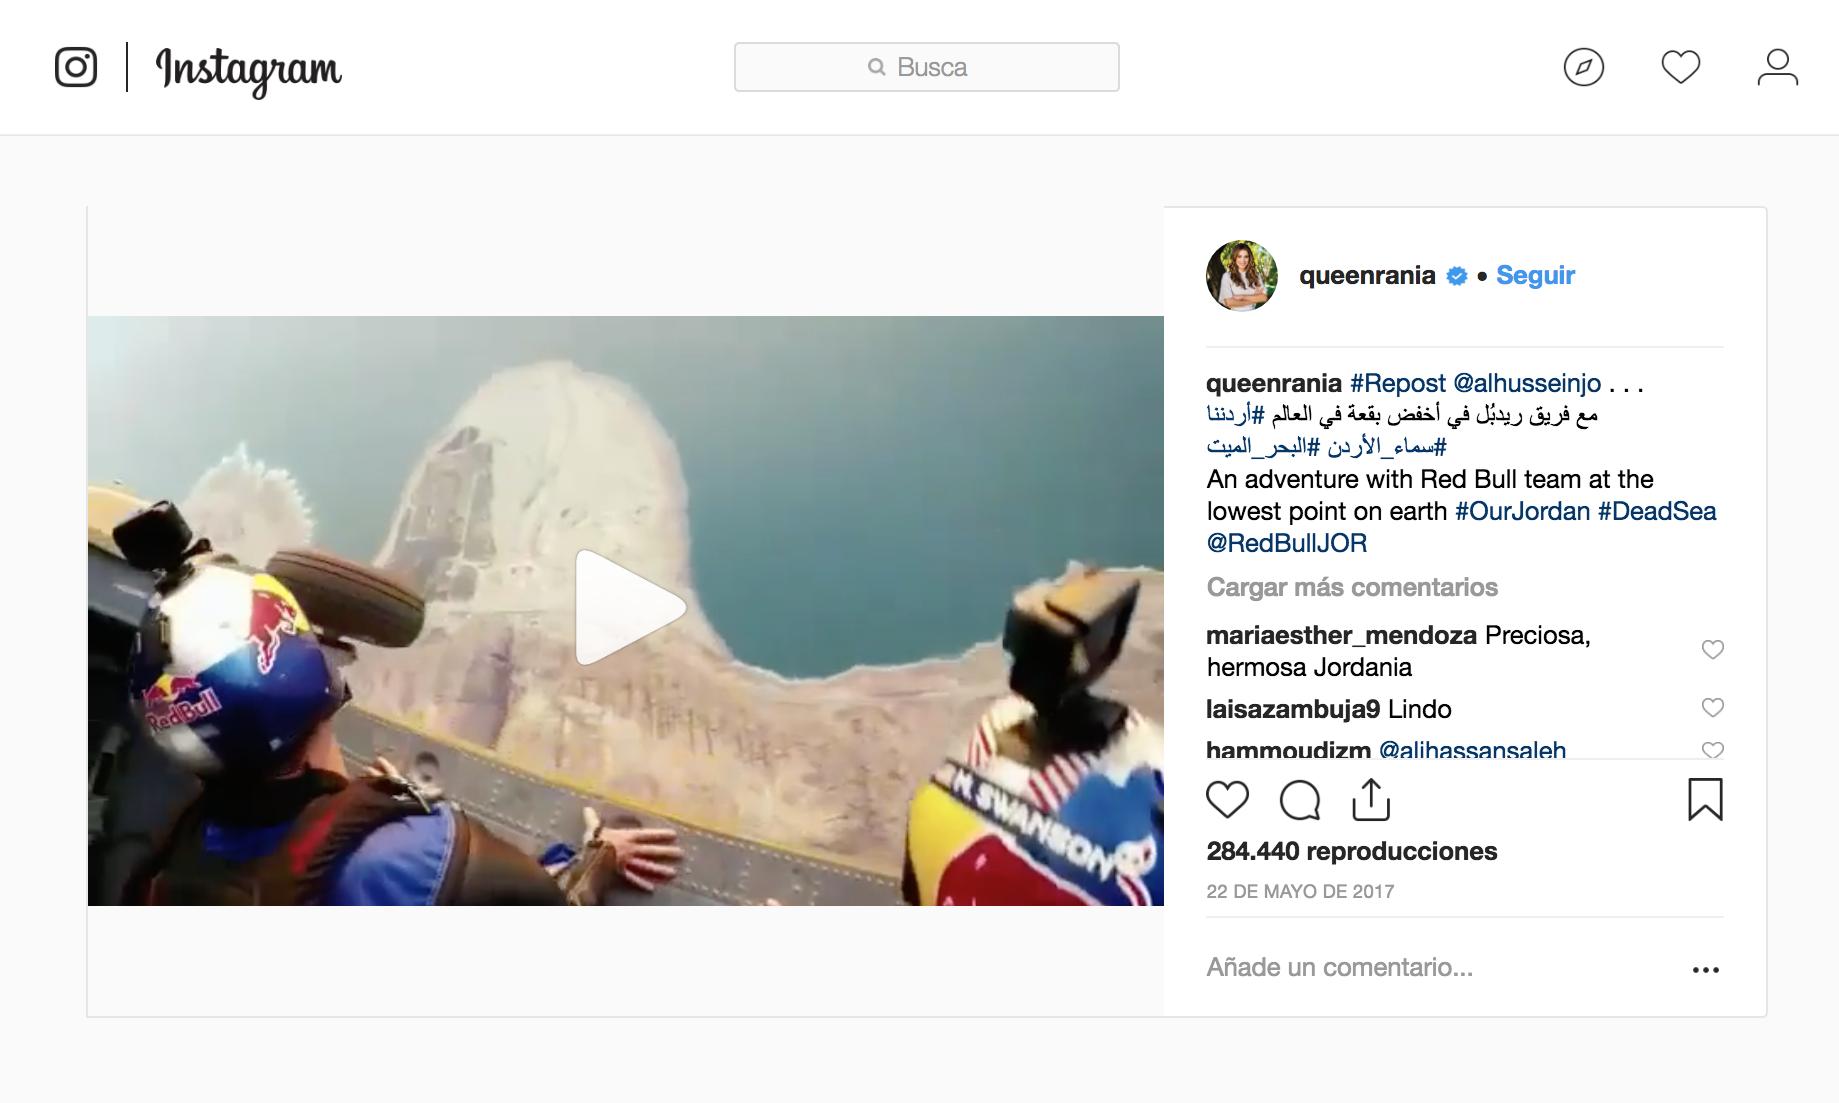 Políticos influencers en Instagram. Reina Rania de Jordania